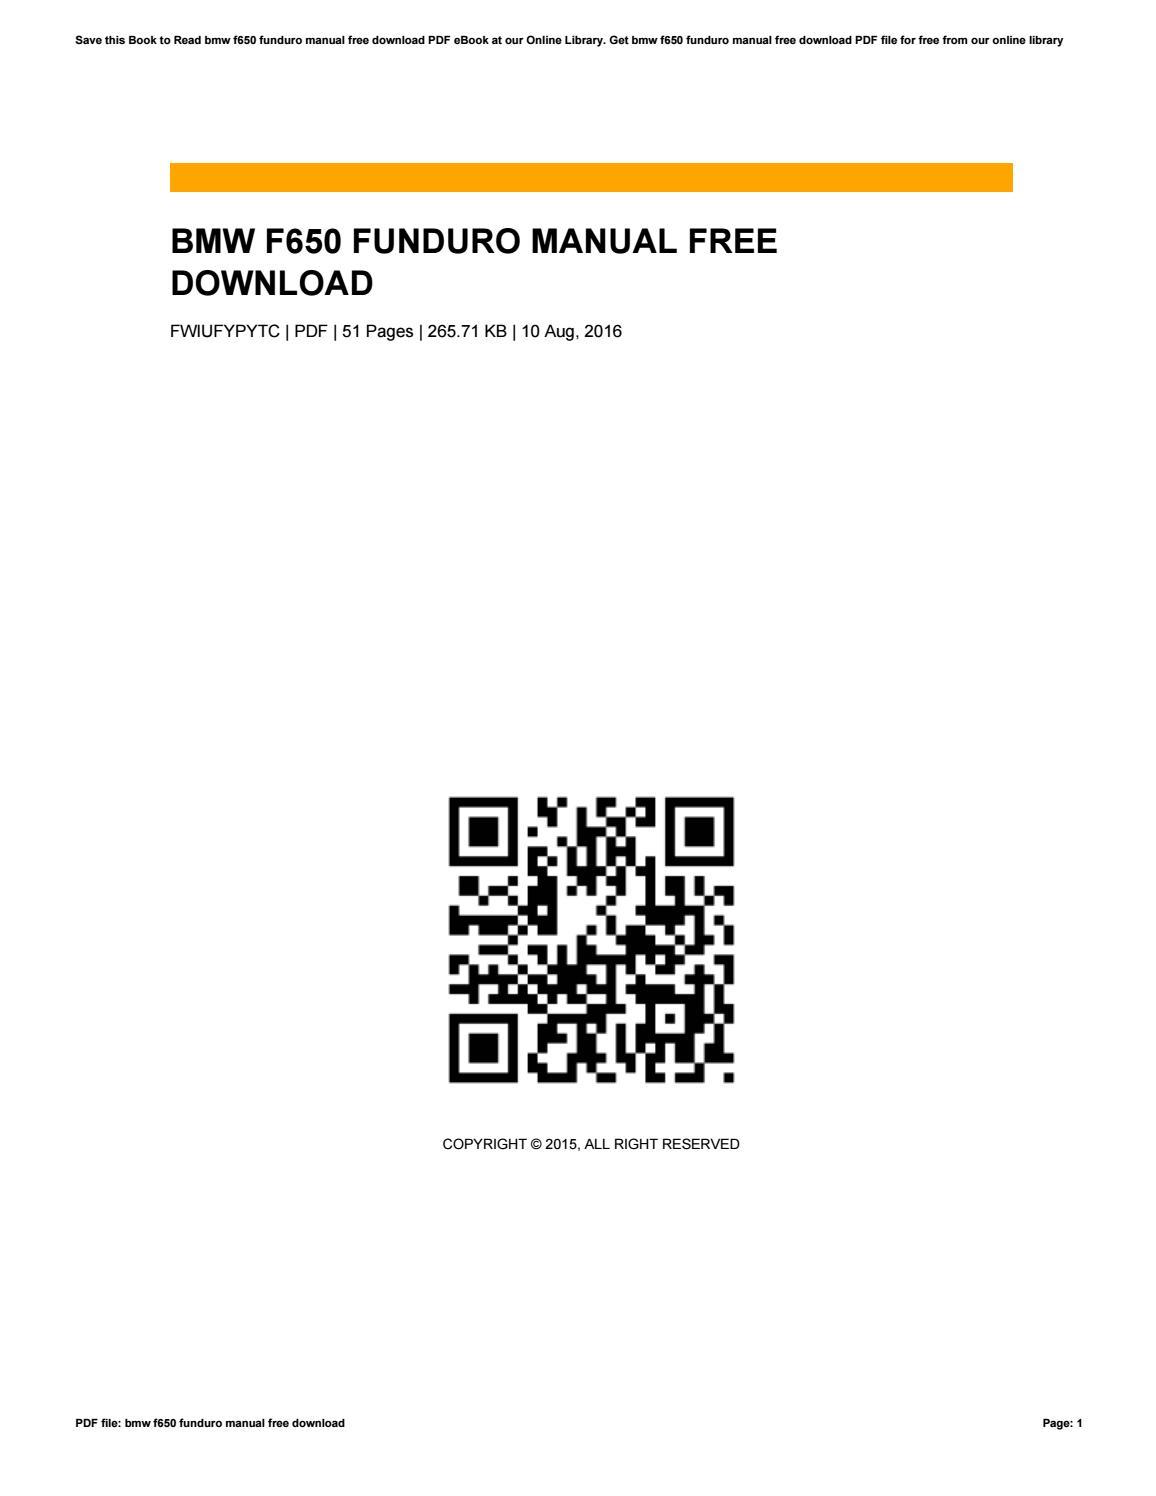 Bmw f650 funduro manual free download by RubyWilliams3338